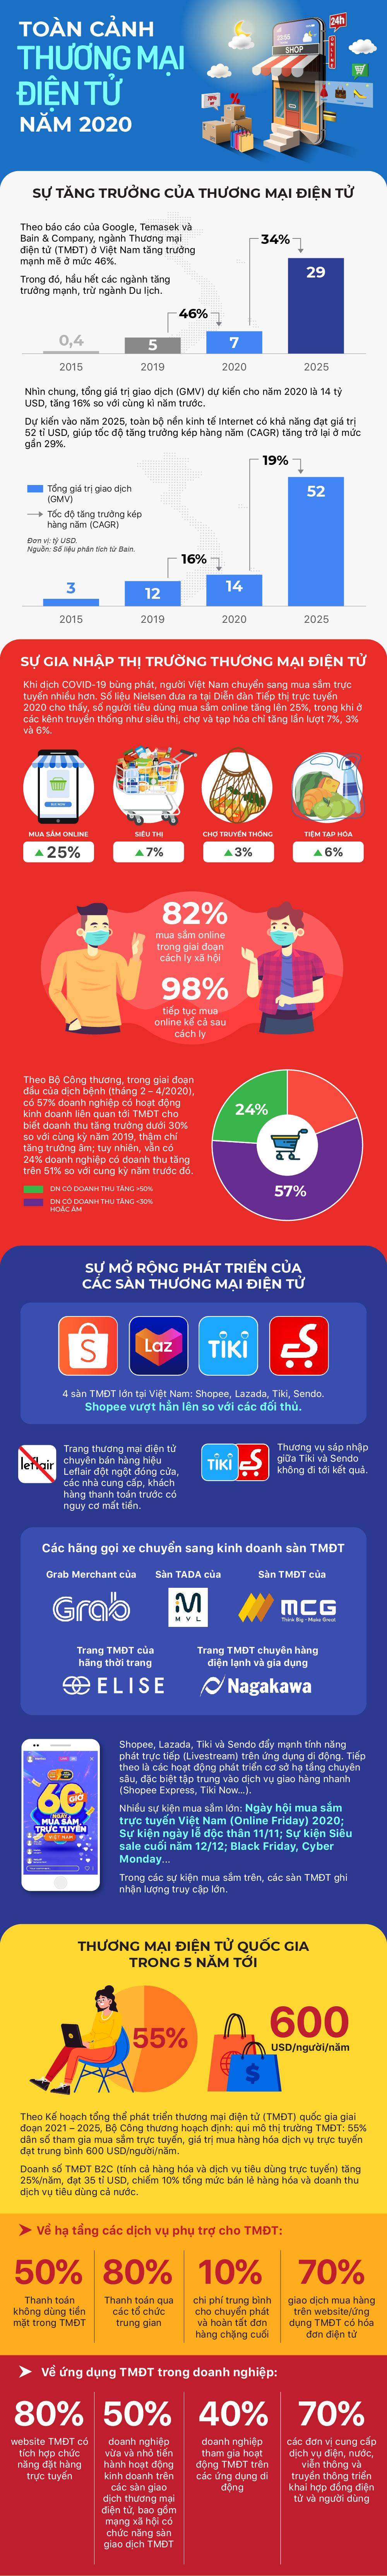 Toàn cảnh thương mại điện tử Việt Nam năm 2020 - Ảnh 1.